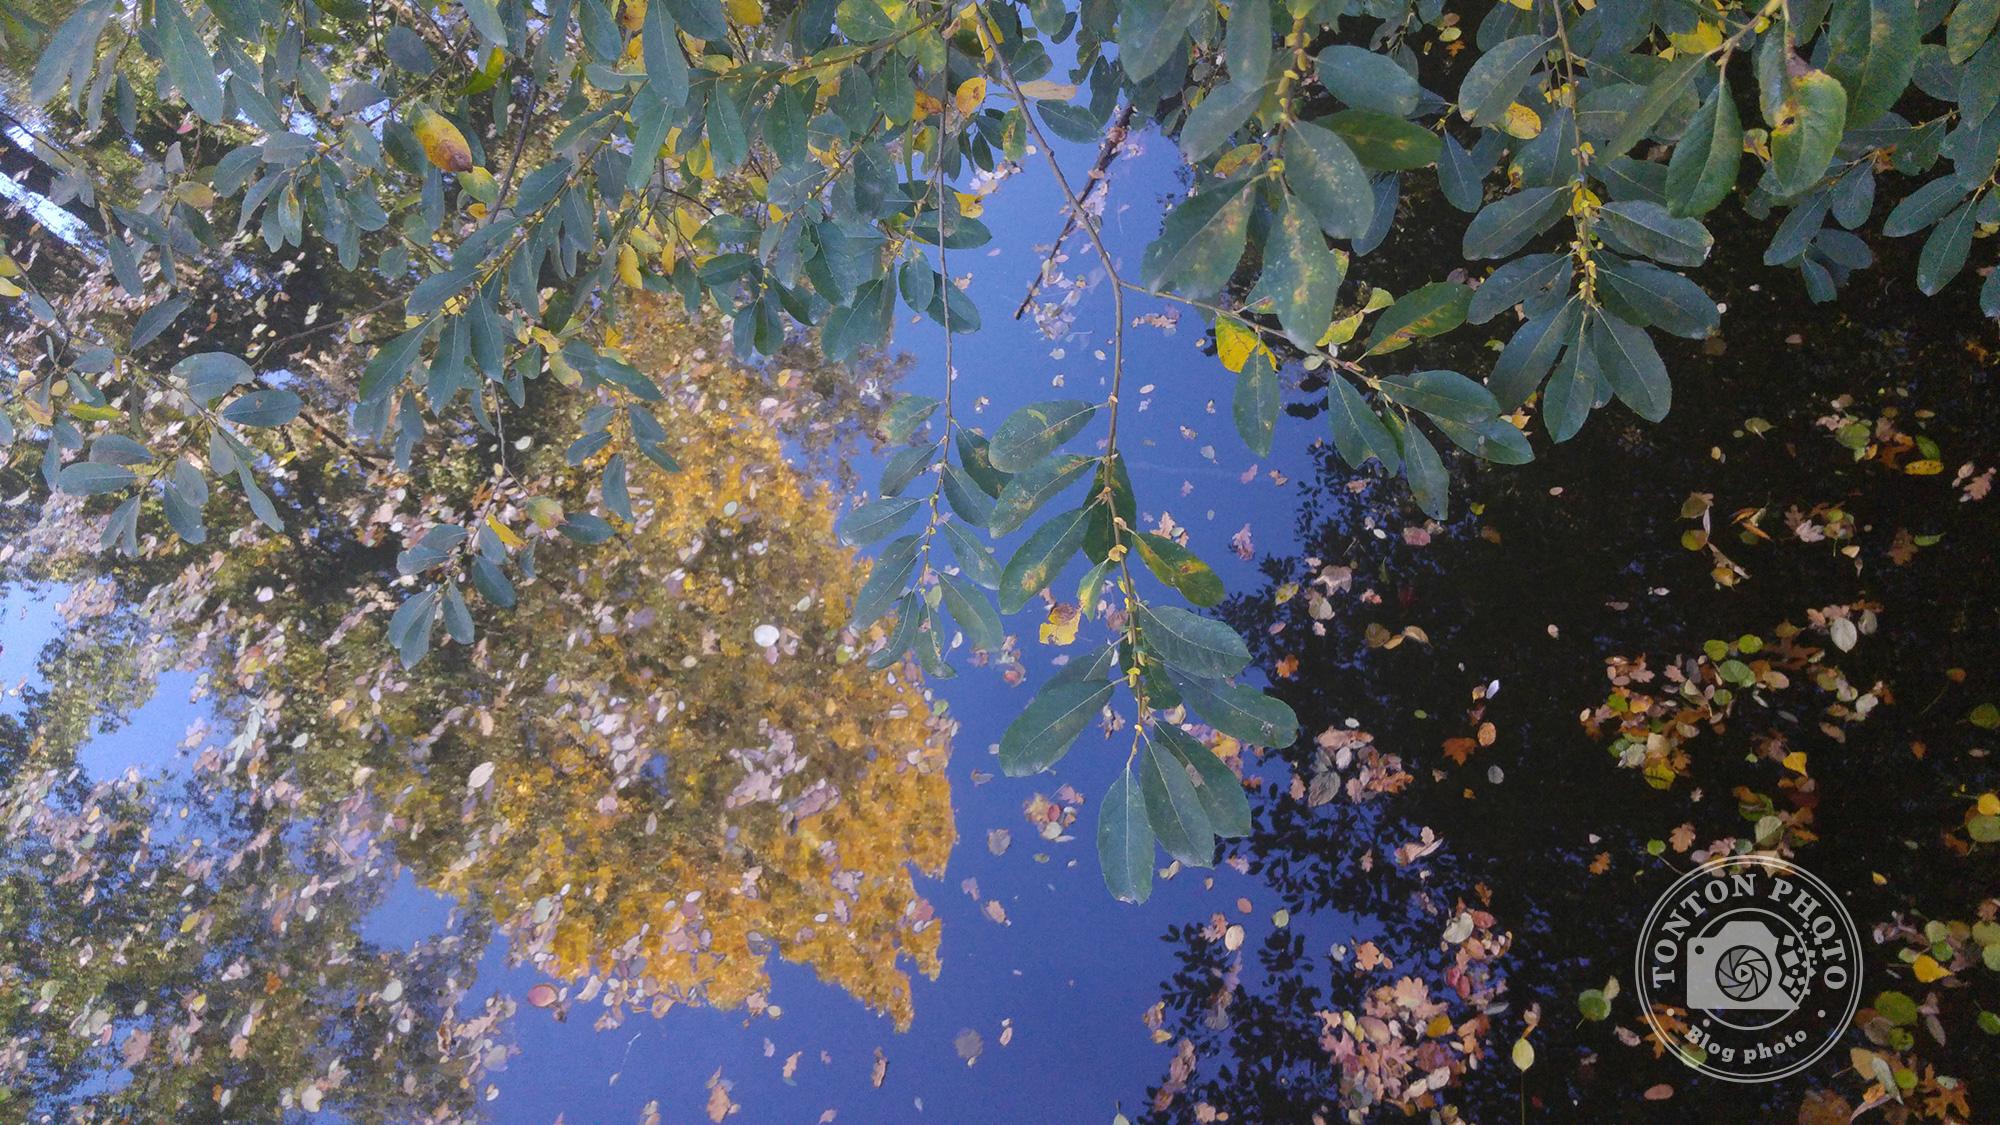 Test du photophone LG G4 : Branchages, feuilles mortes et reflets d'automne sur la rivière. F/1.8 - 1/250 - ISO 400 © Clément Racineux / Tonton Photo